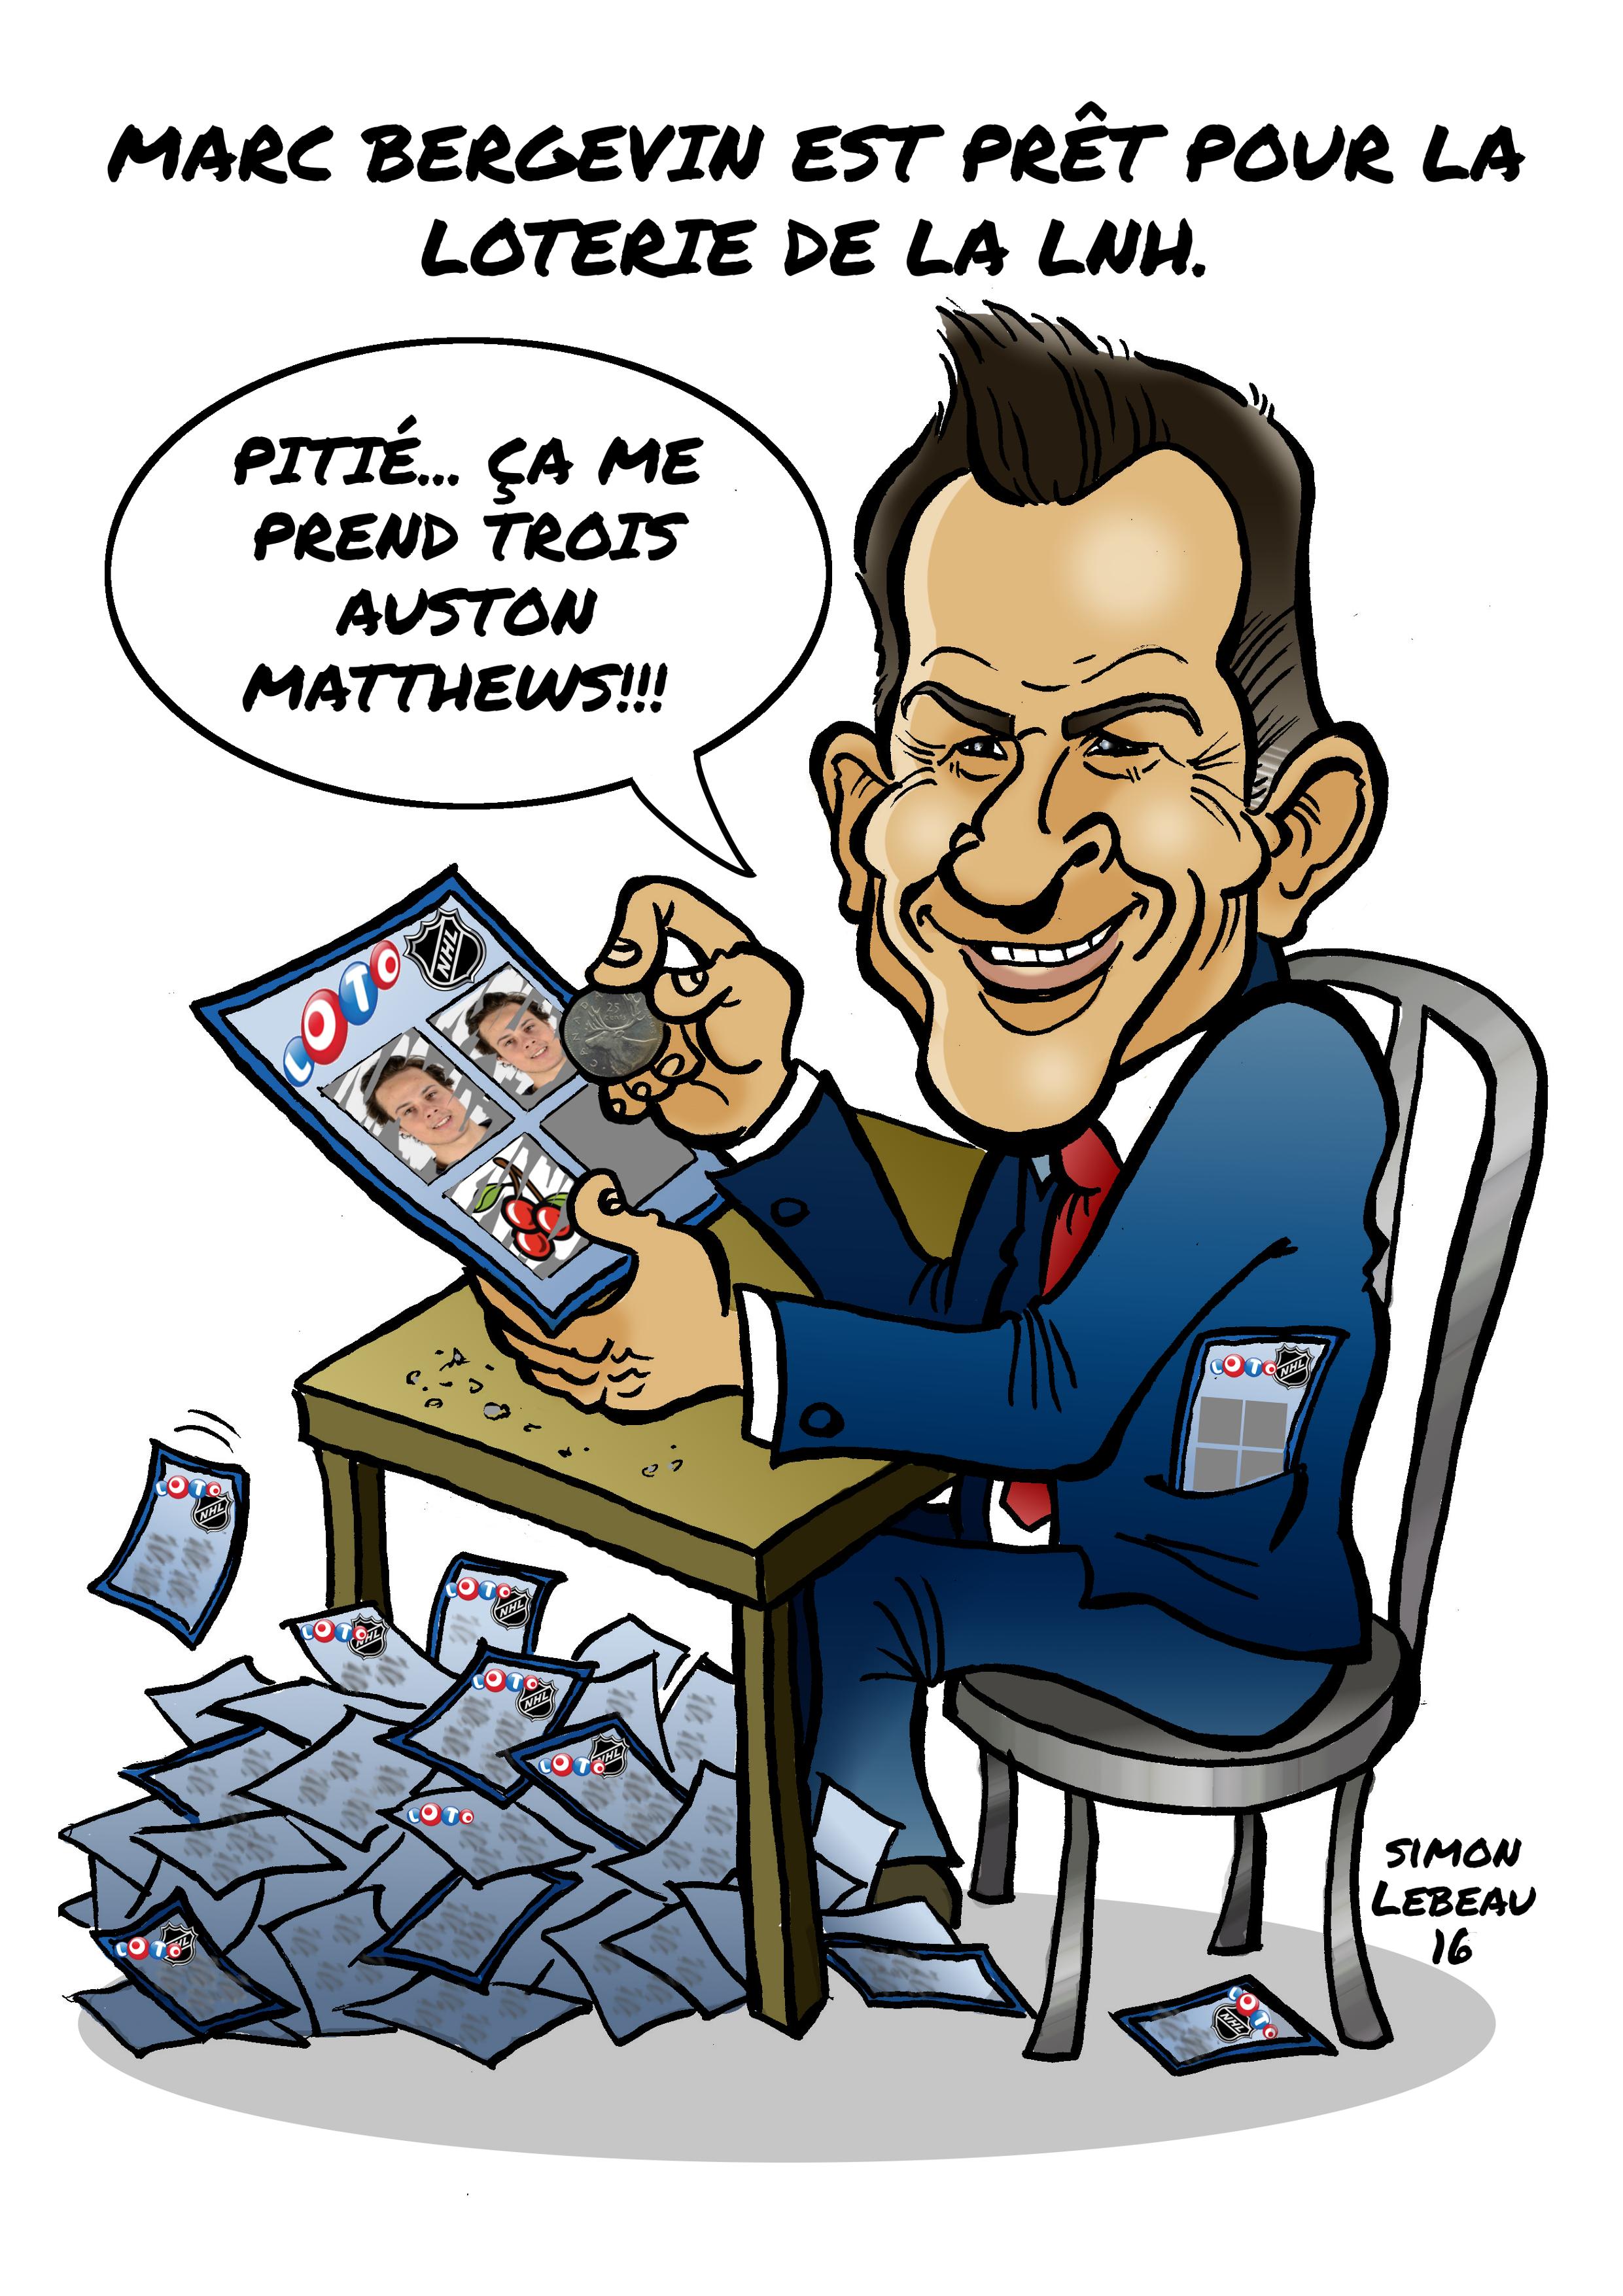 Marc Bergevin est prêt pour la loterie Image